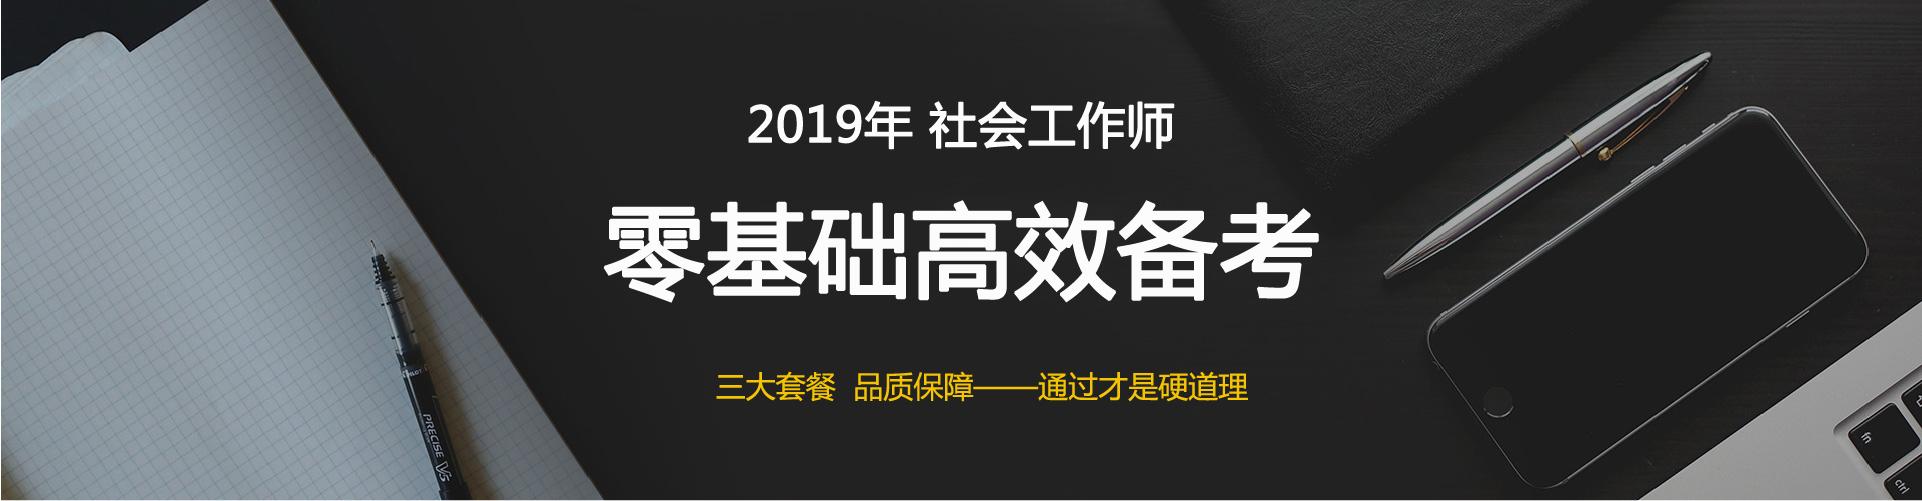 上海社工初级培训视频